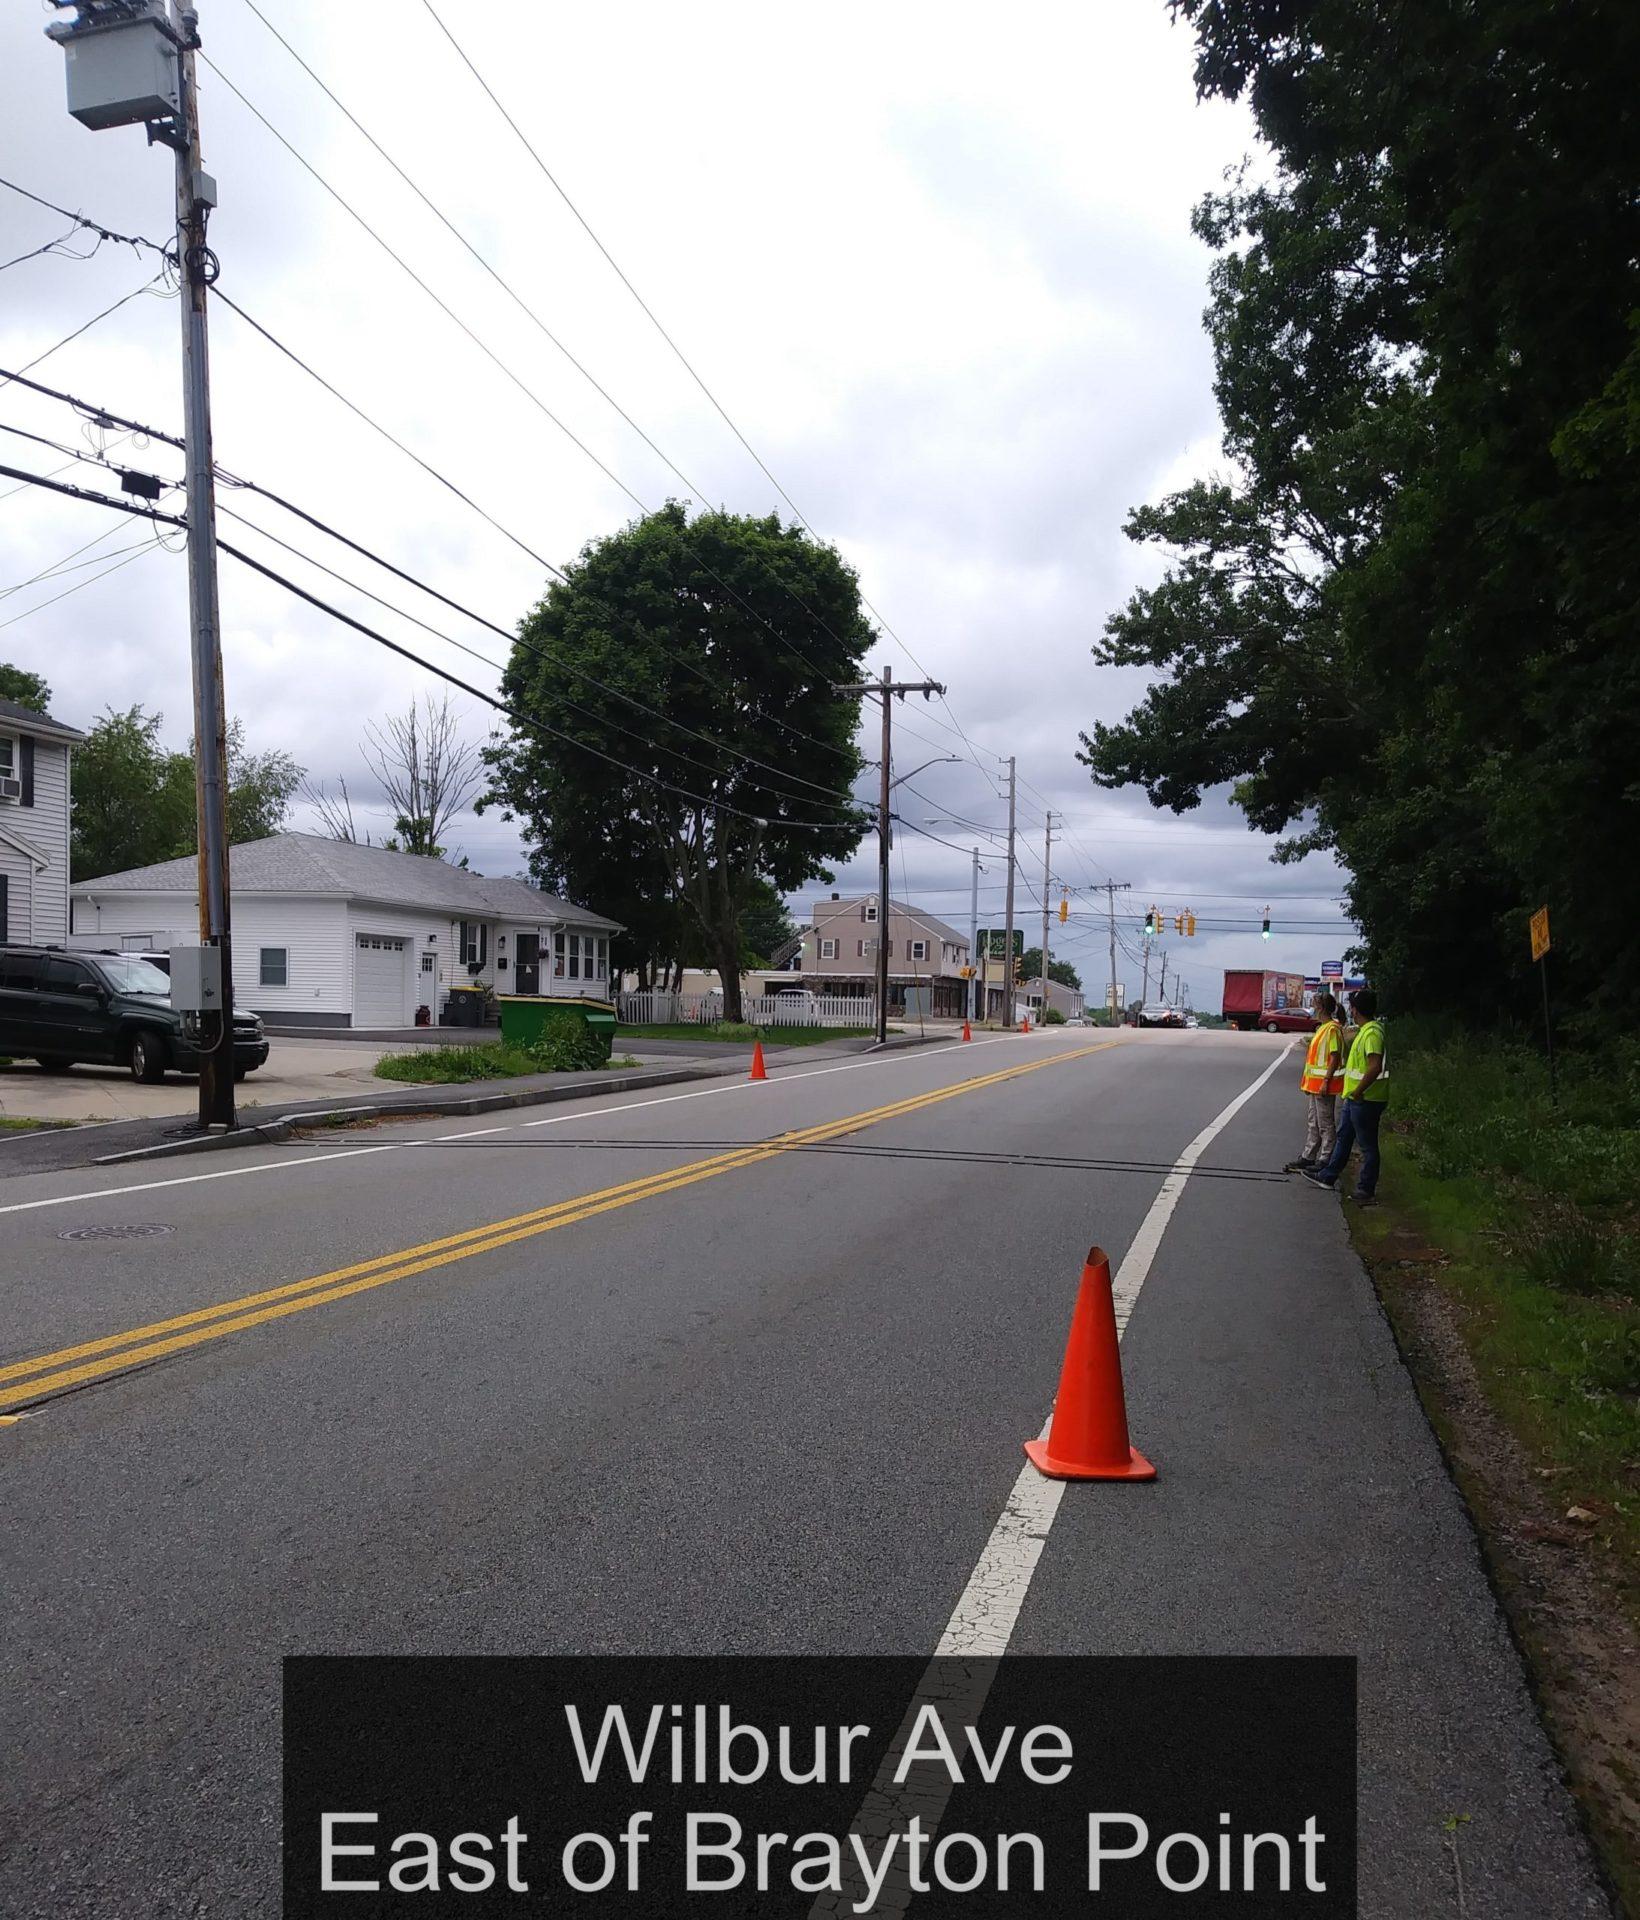 Wilbur Ave East of Brayton Point